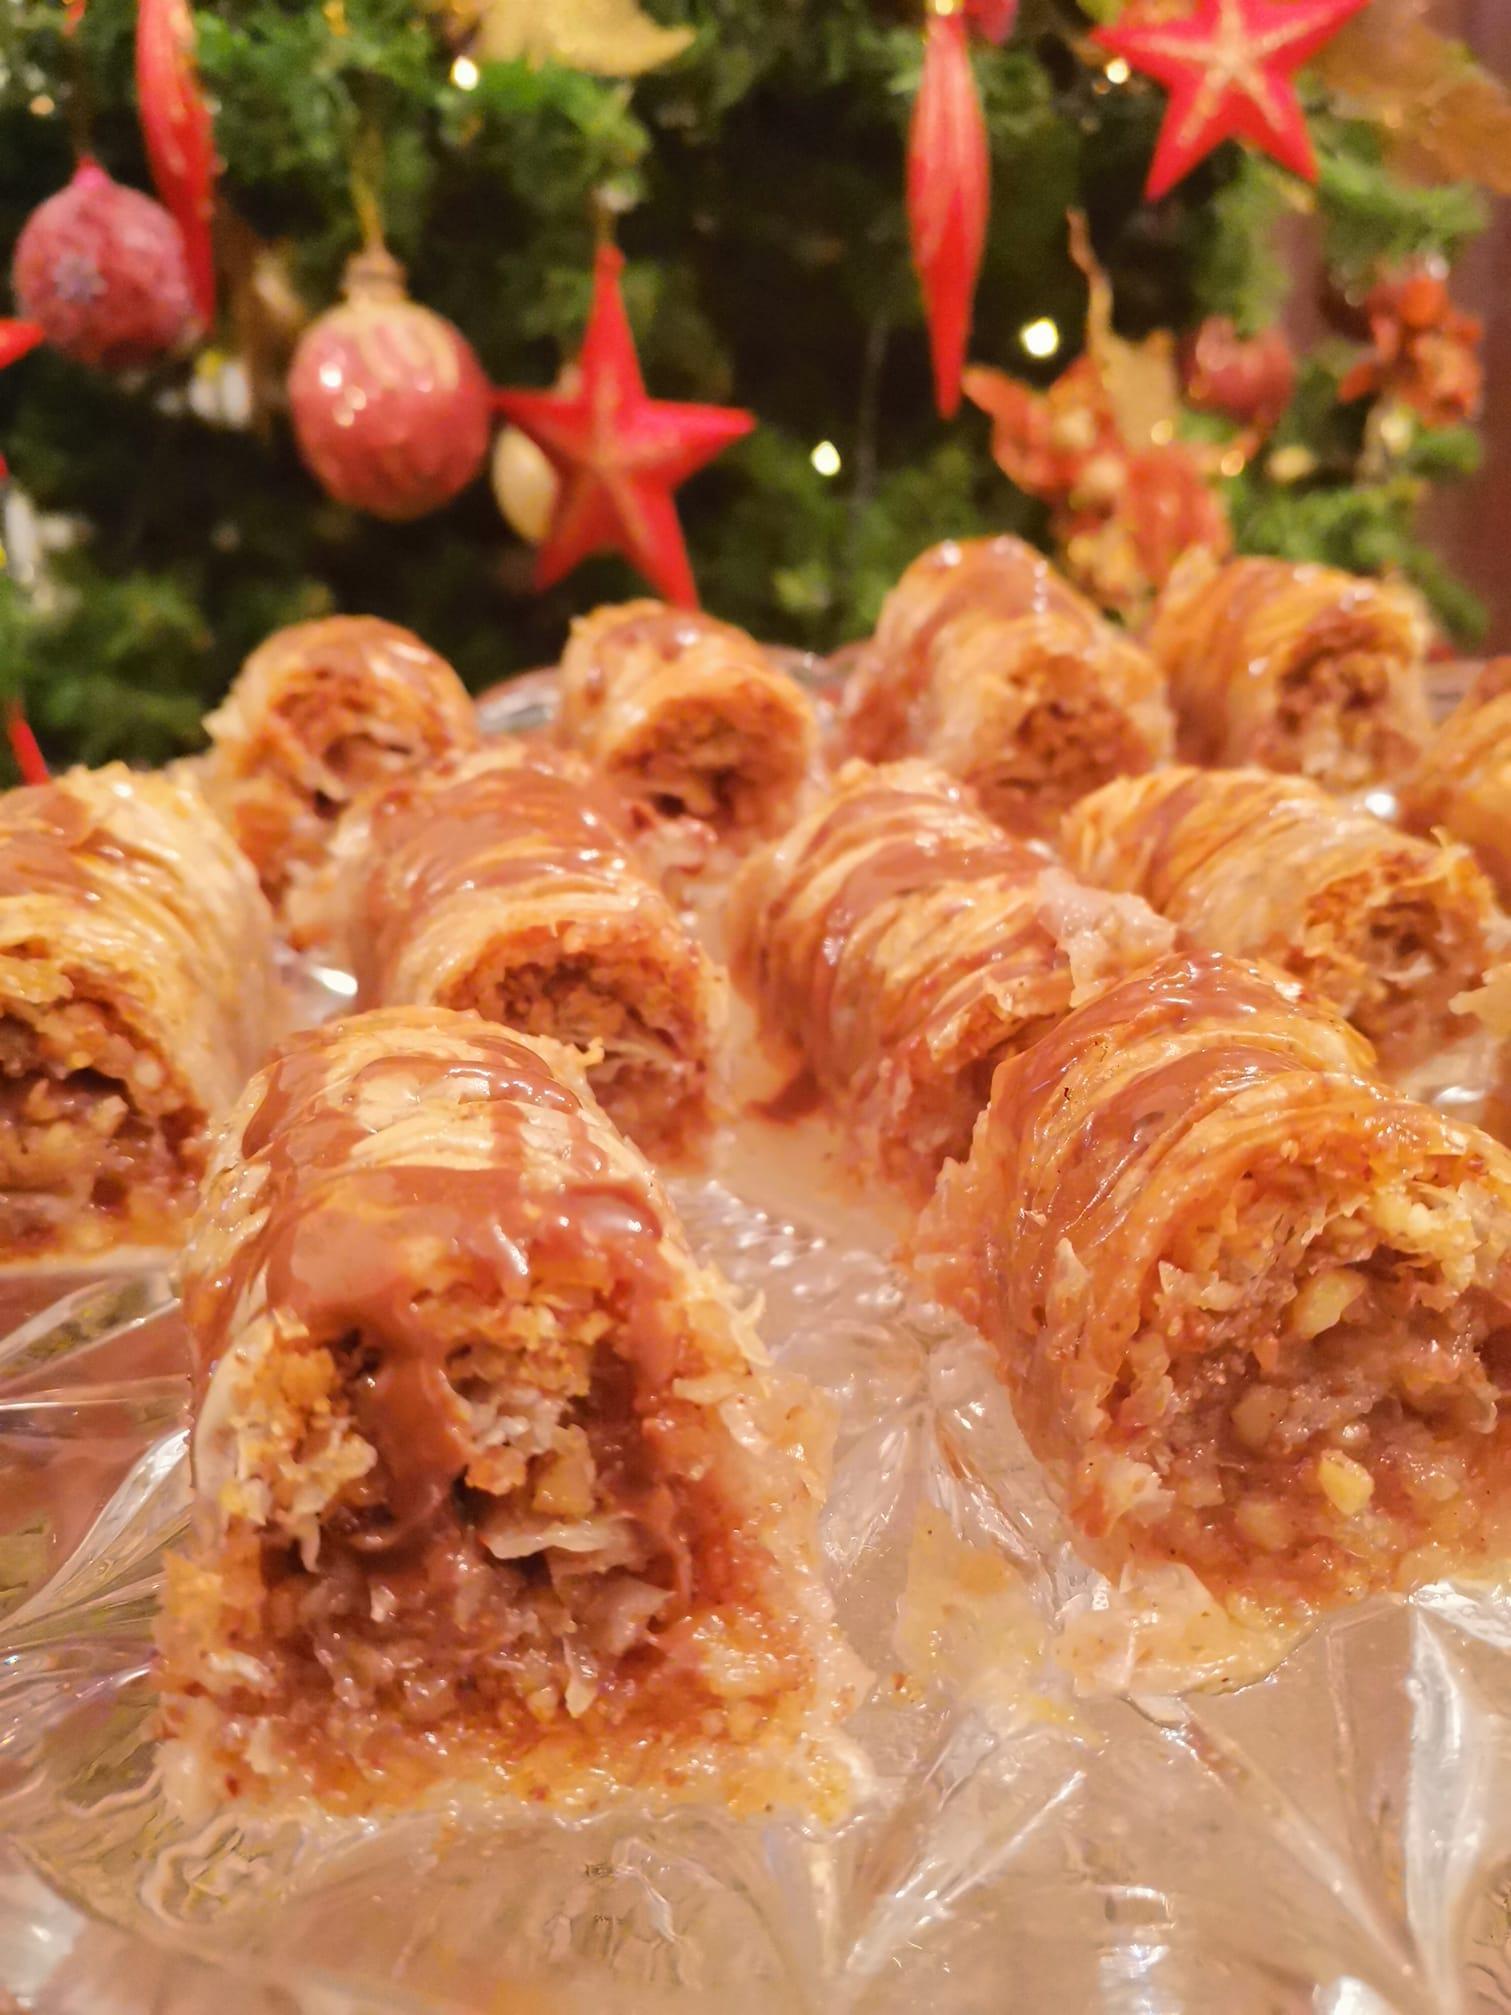 Σαραγλάκια: Συνταγή για τον Πρωτοχρονιάτικο μπουφέ